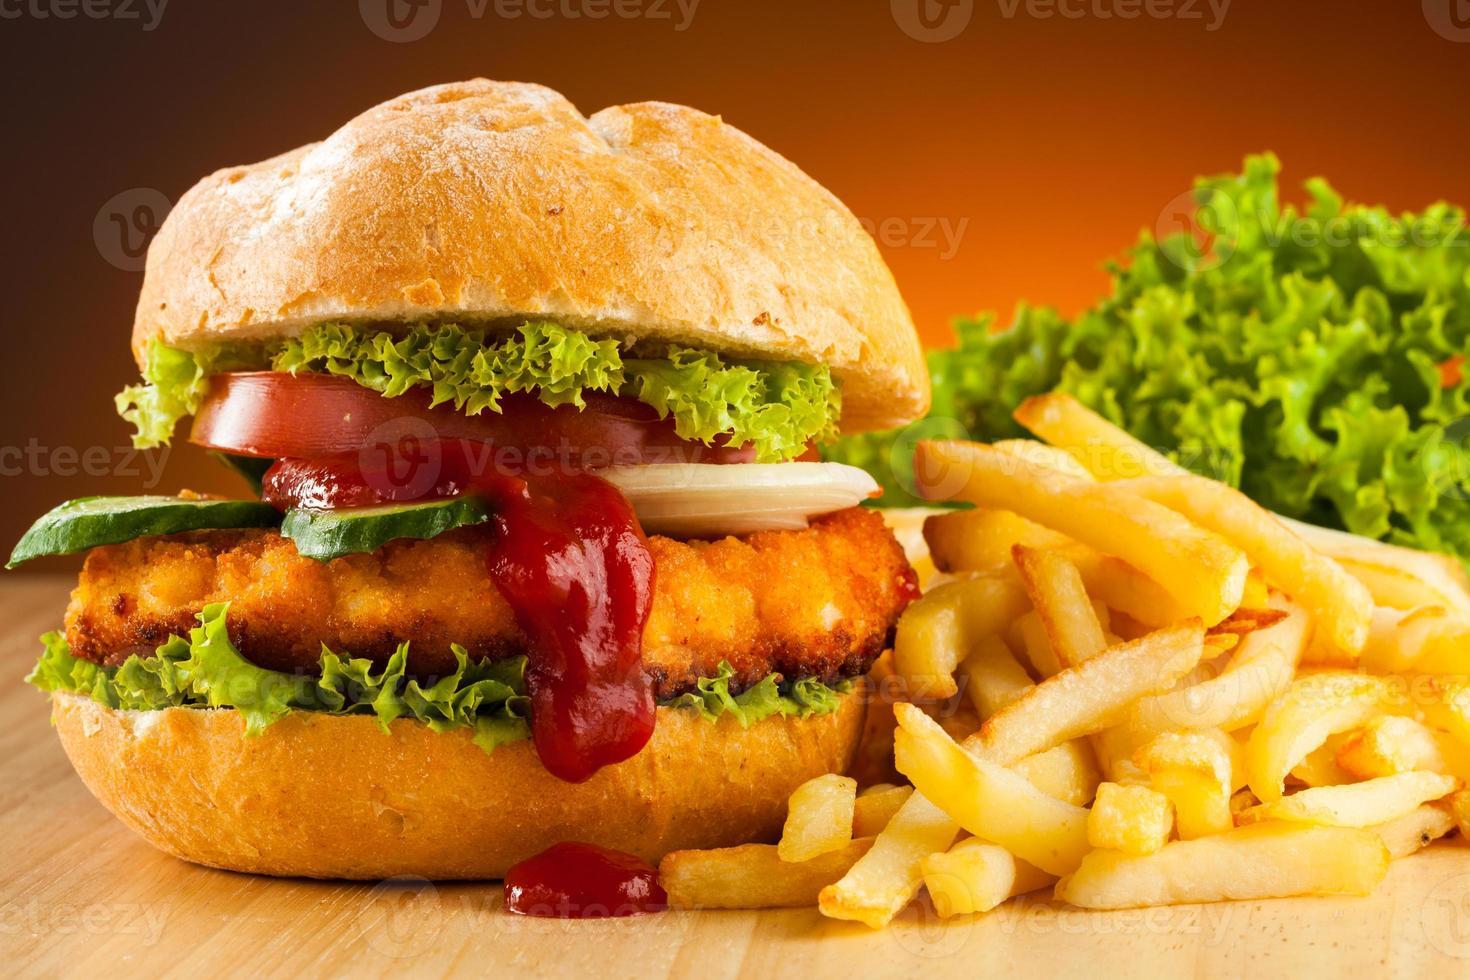 grote hamburger met frietjes foto